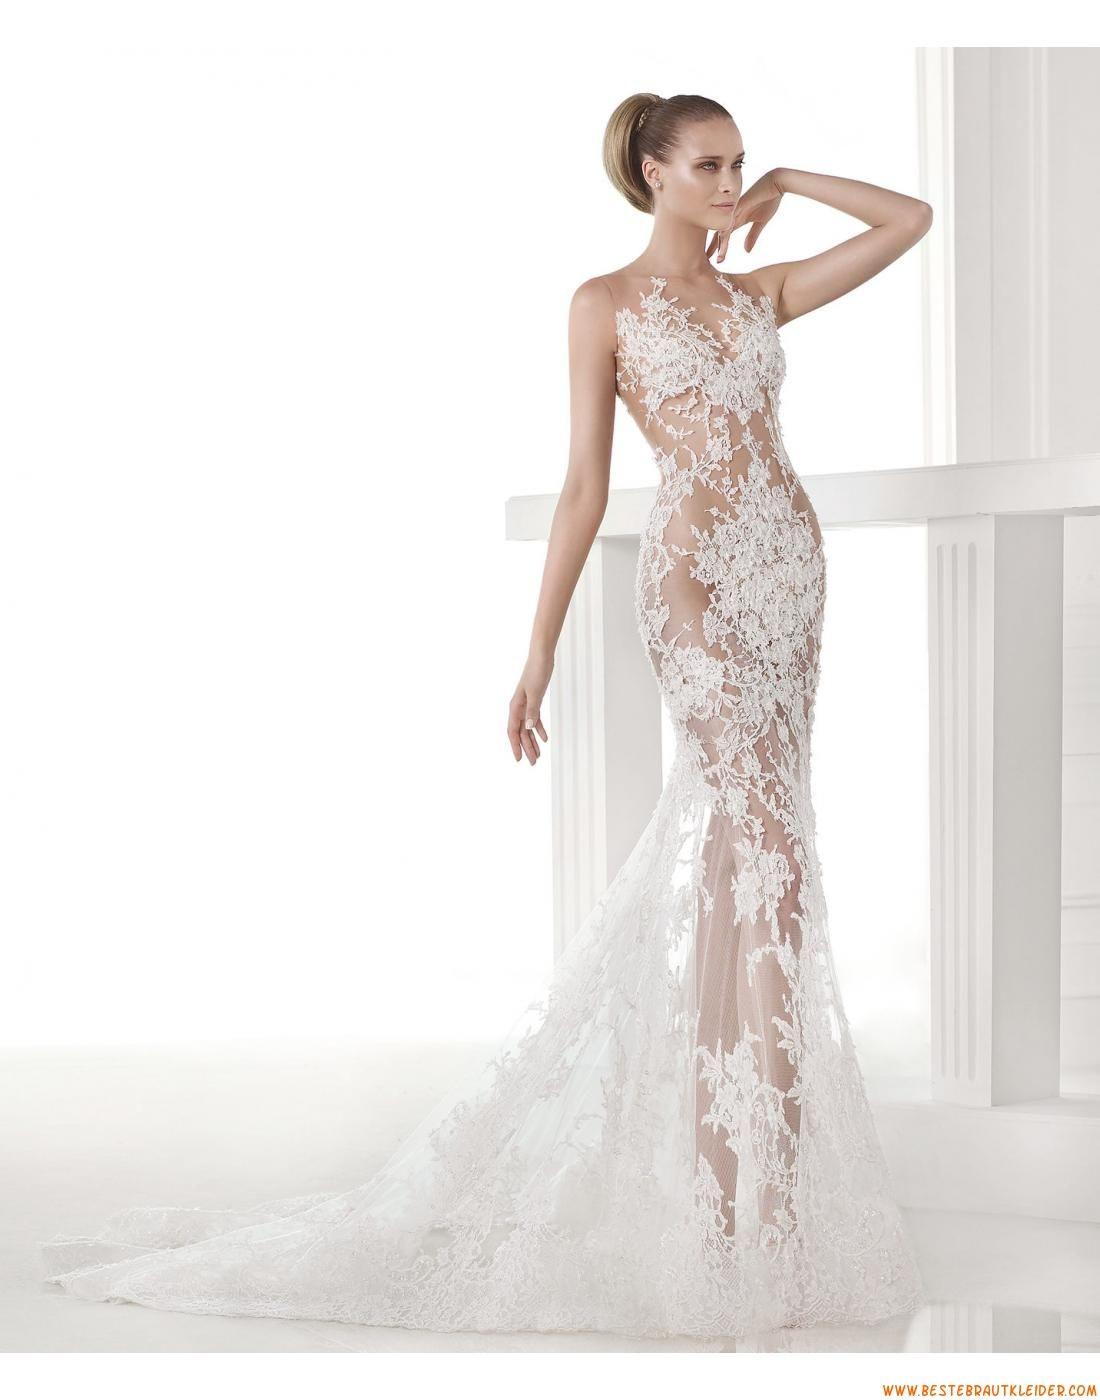 Designer Genial Außergewöhnliche Brautkleider Spezialgebiet Top Außergewöhnliche Brautkleider Stylish